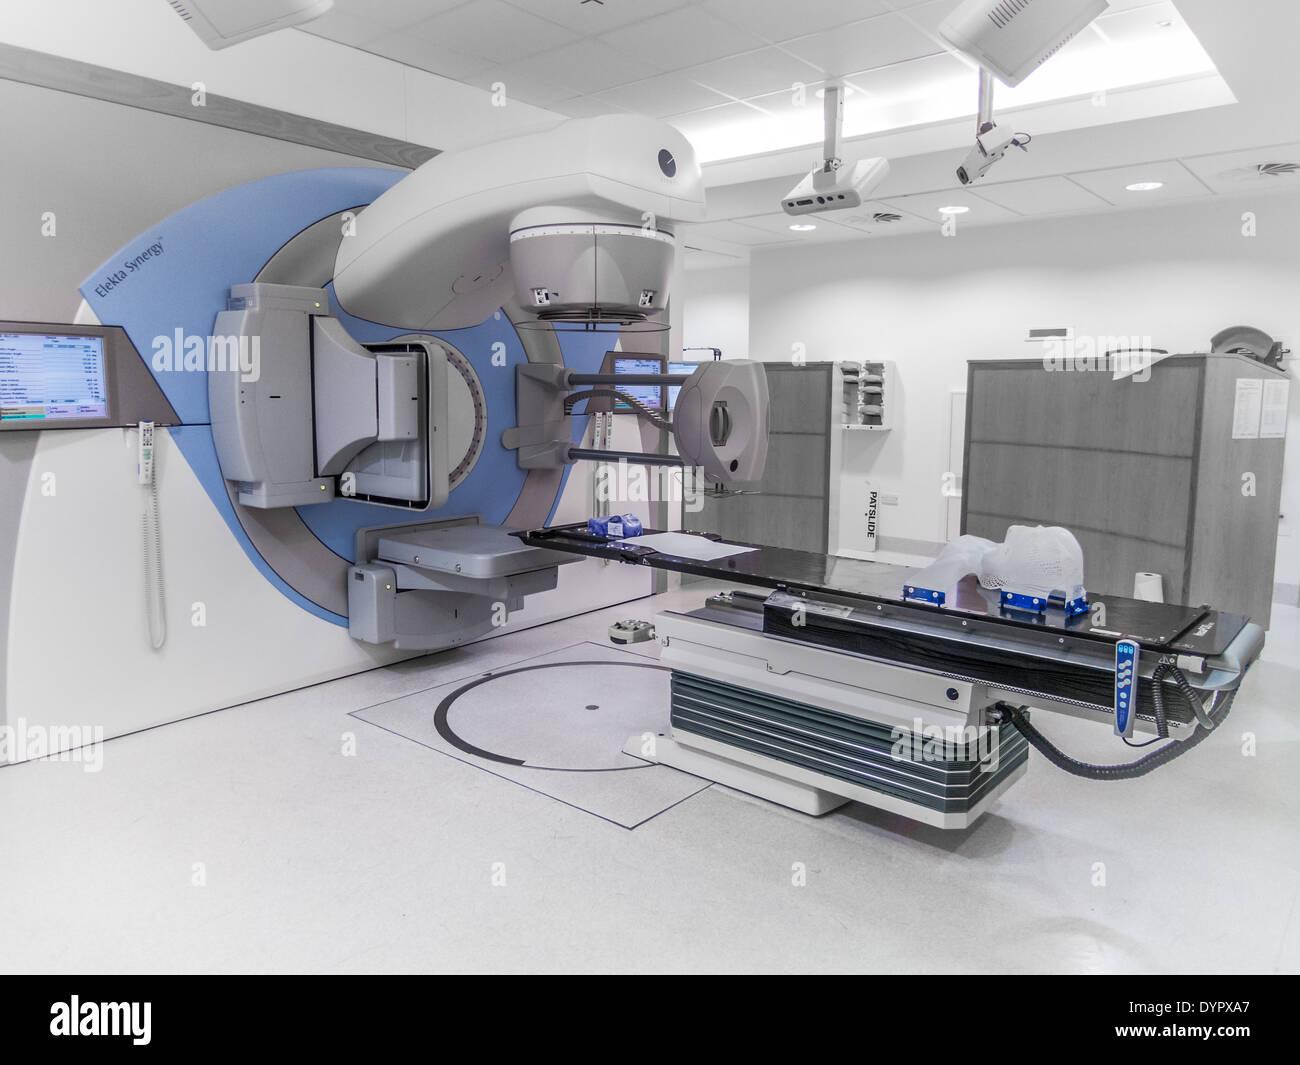 Máquina de radioterapia para tratar el cáncer, REINO UNIDO Imagen De Stock